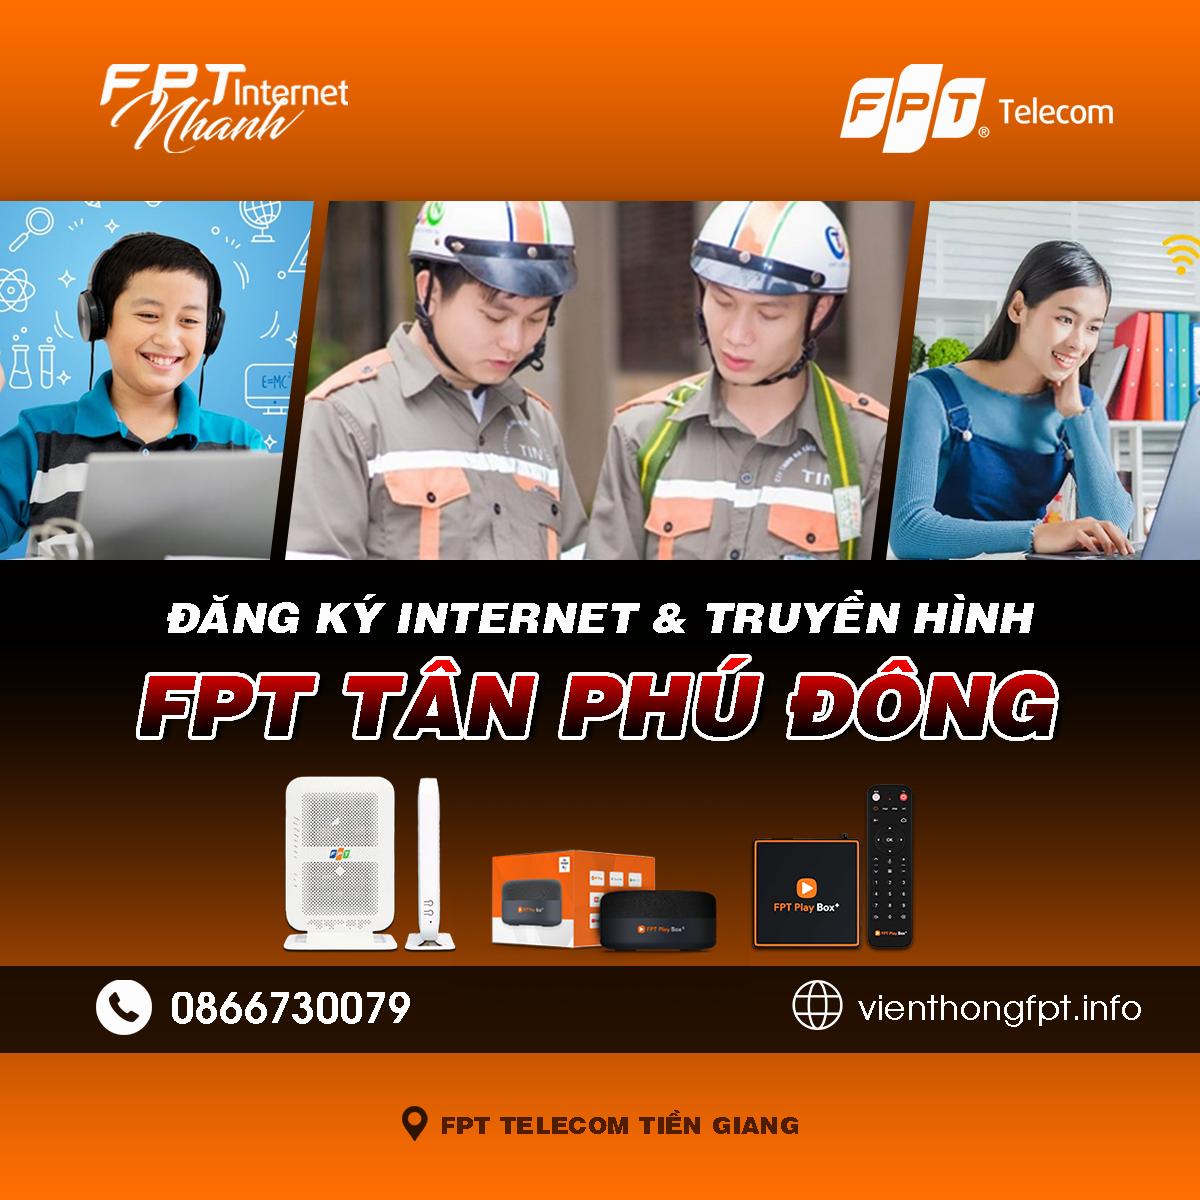 Tổng đài FPT Tân Phú Đông - Đơn vị lắp mạng Internet và Truyền hình